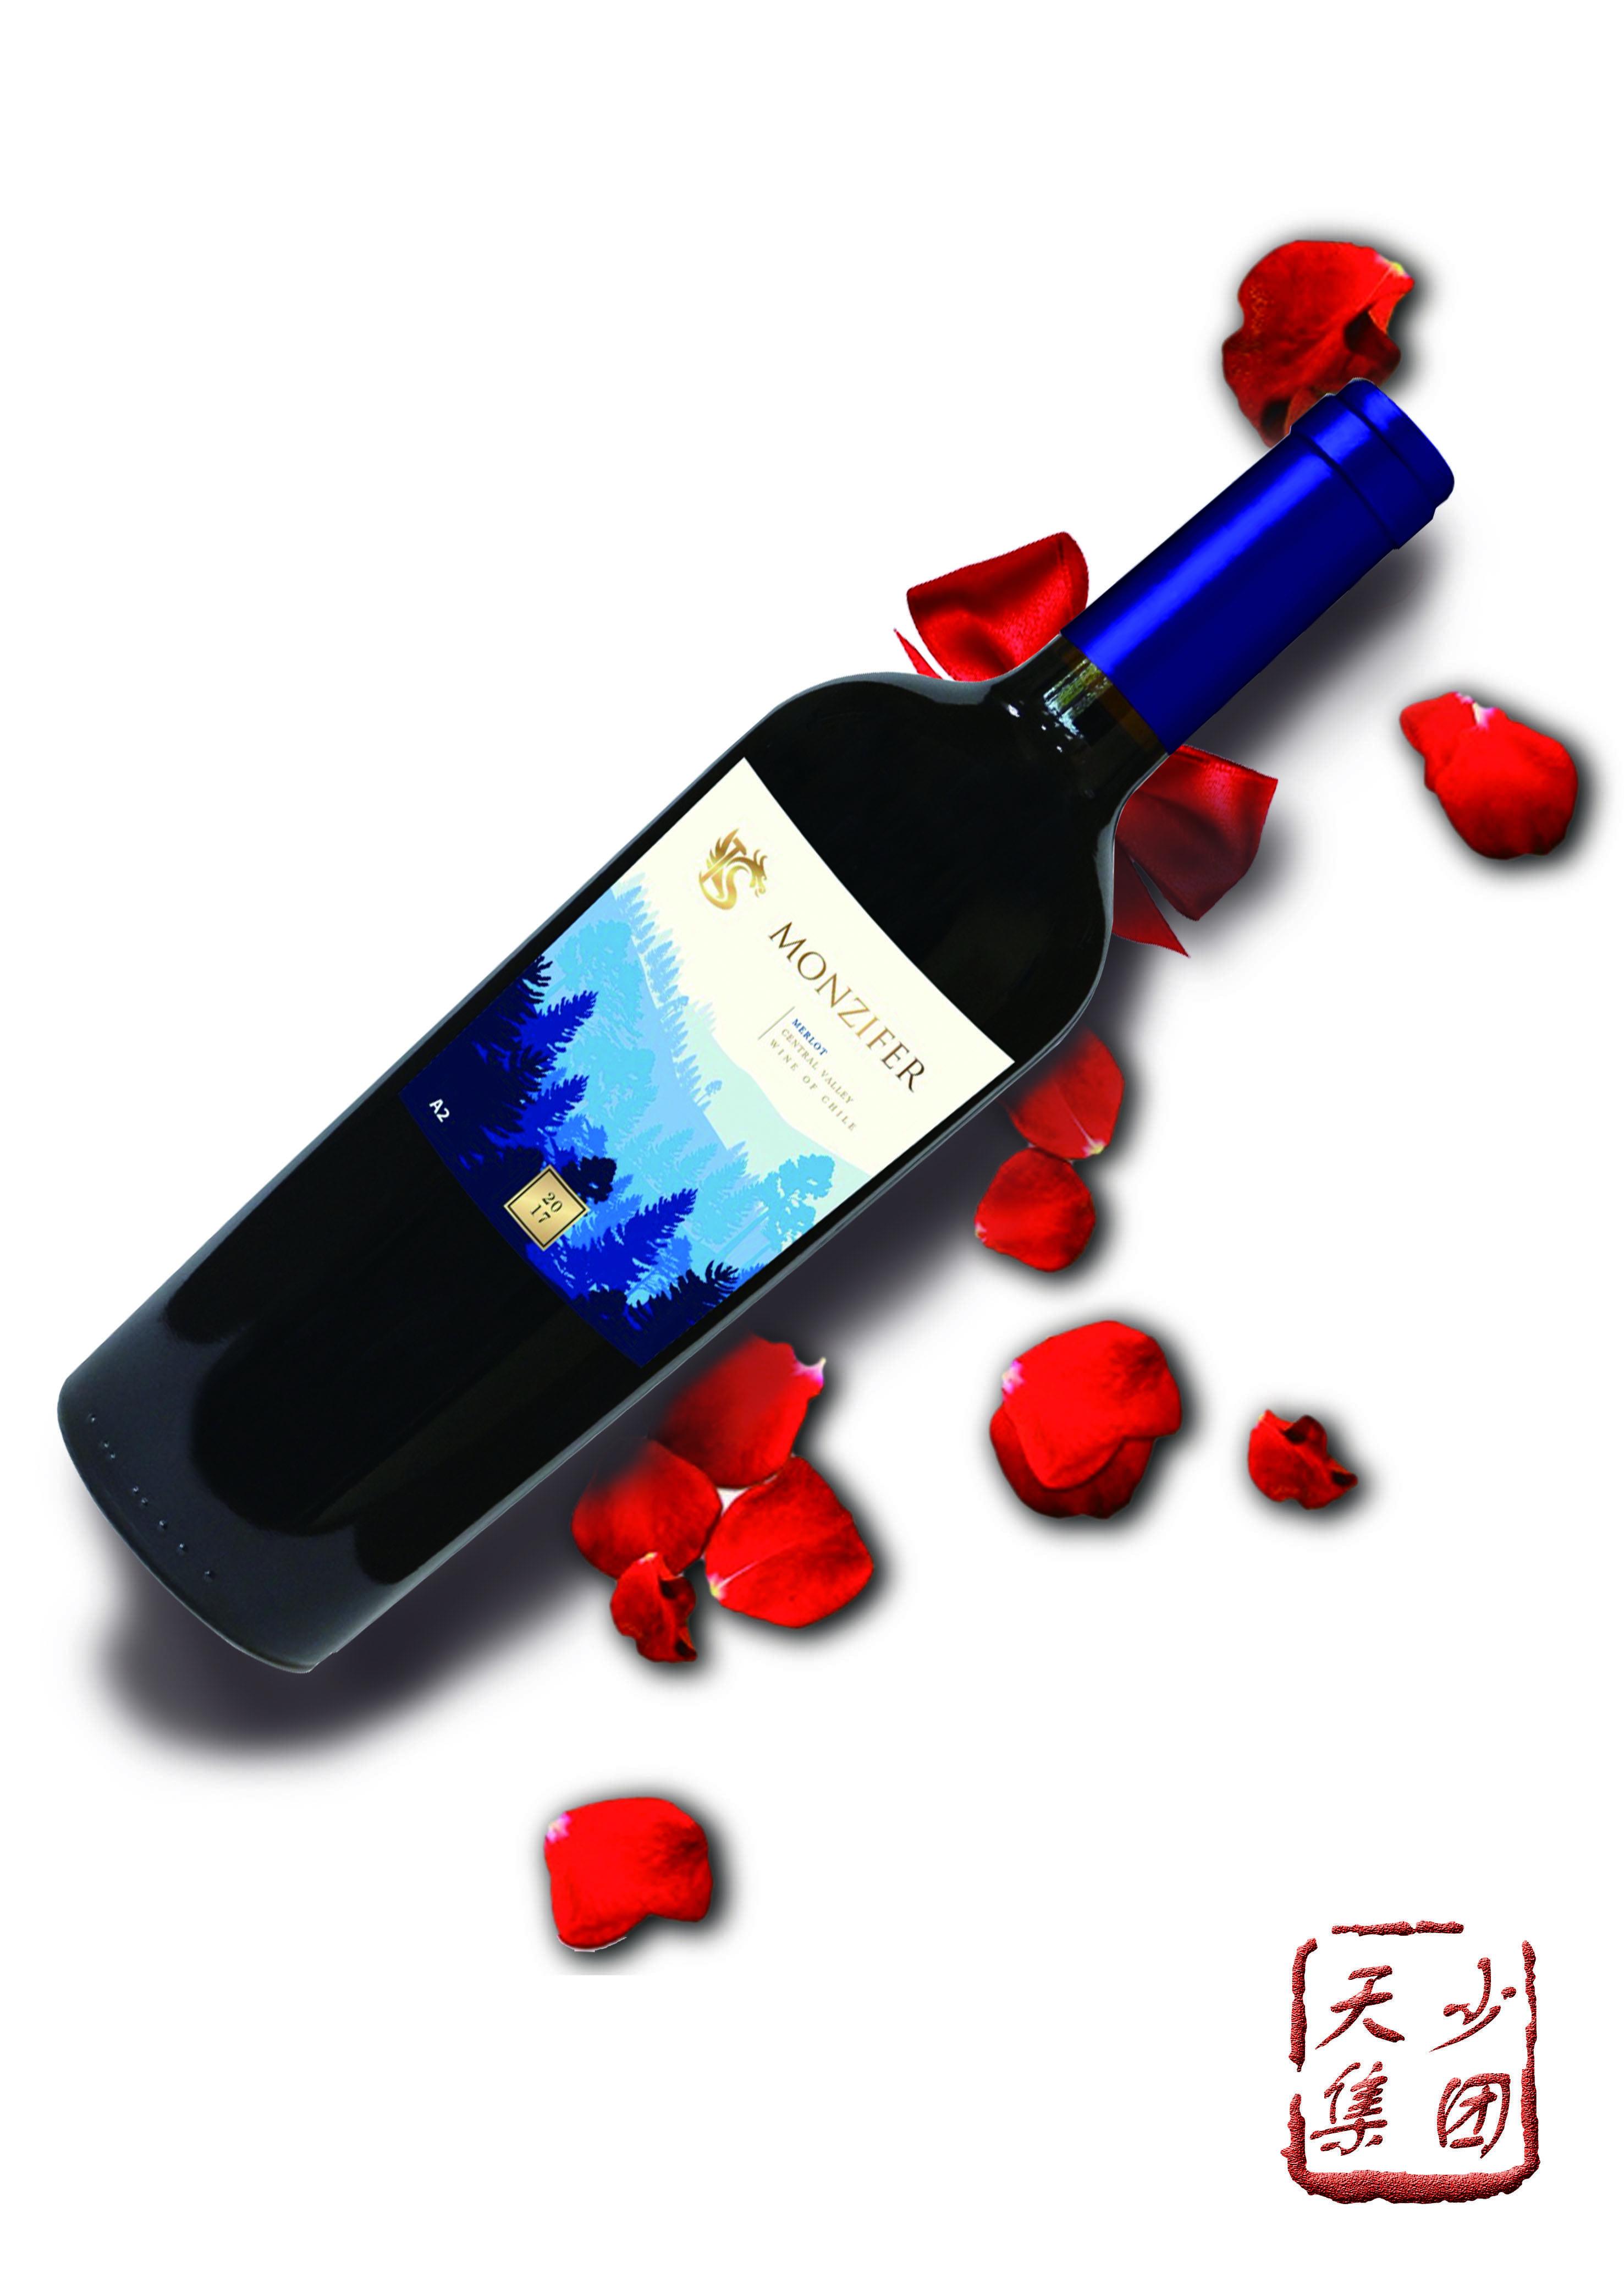 梦之菲MONZIFER.梦之菲梅洛红葡萄酒